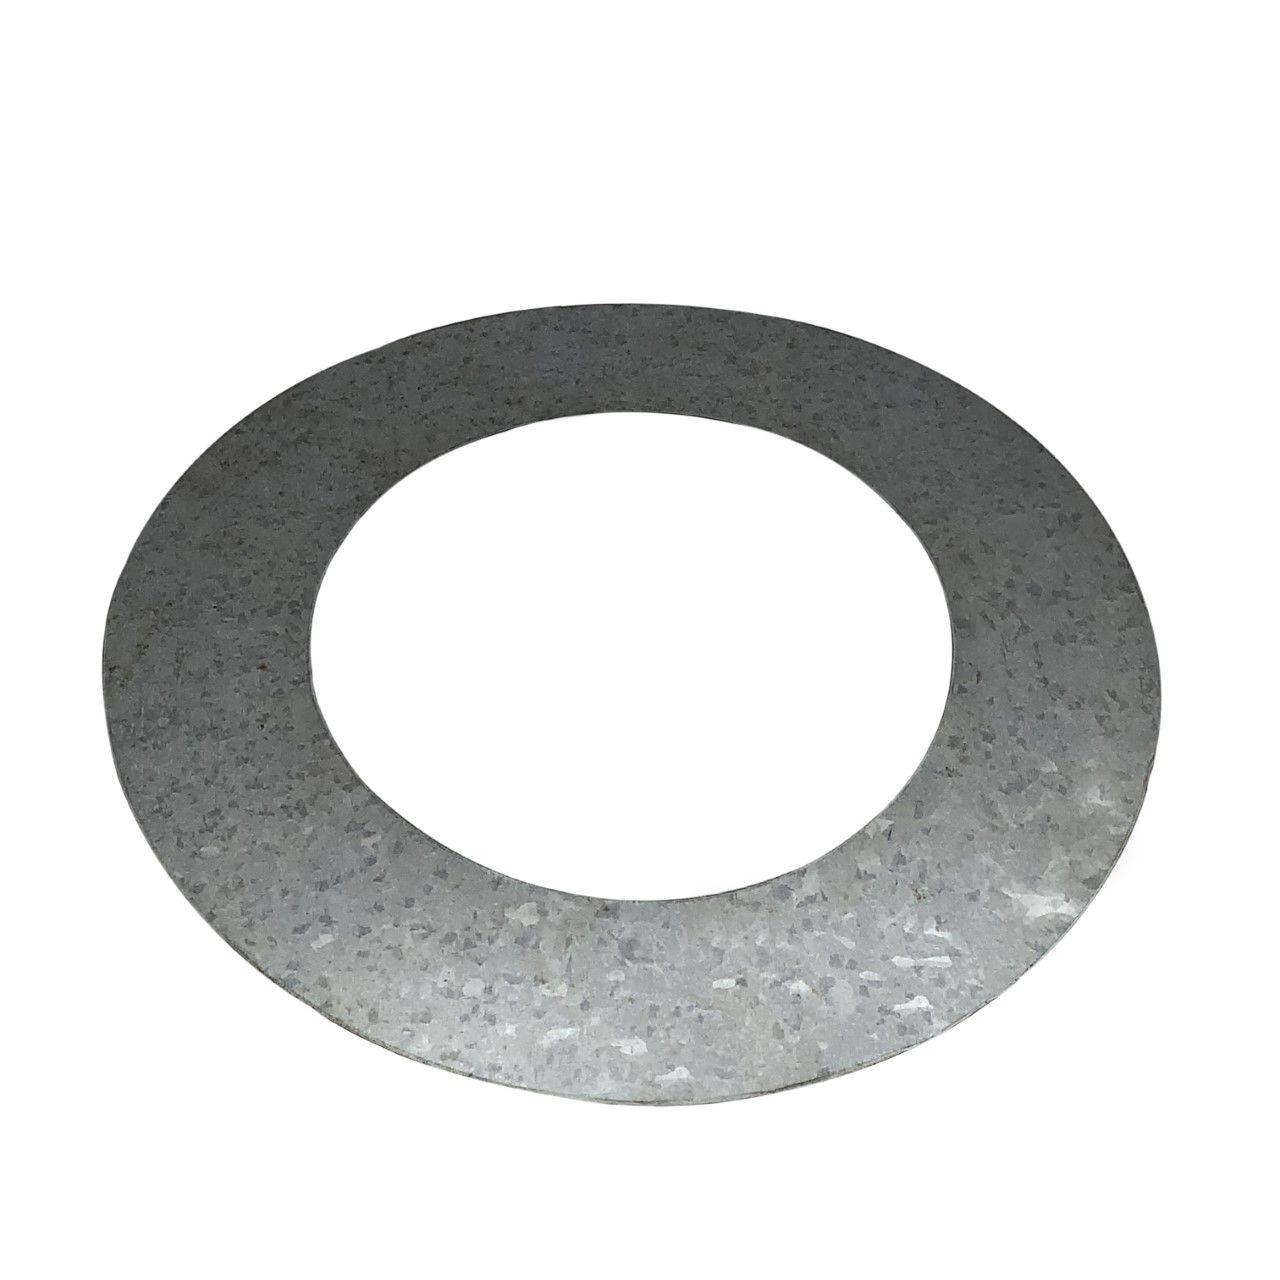 Anel de acabamento galvanizado para laje ou parede para dutos de 260 mm de diâmetro  - Galvocalhas